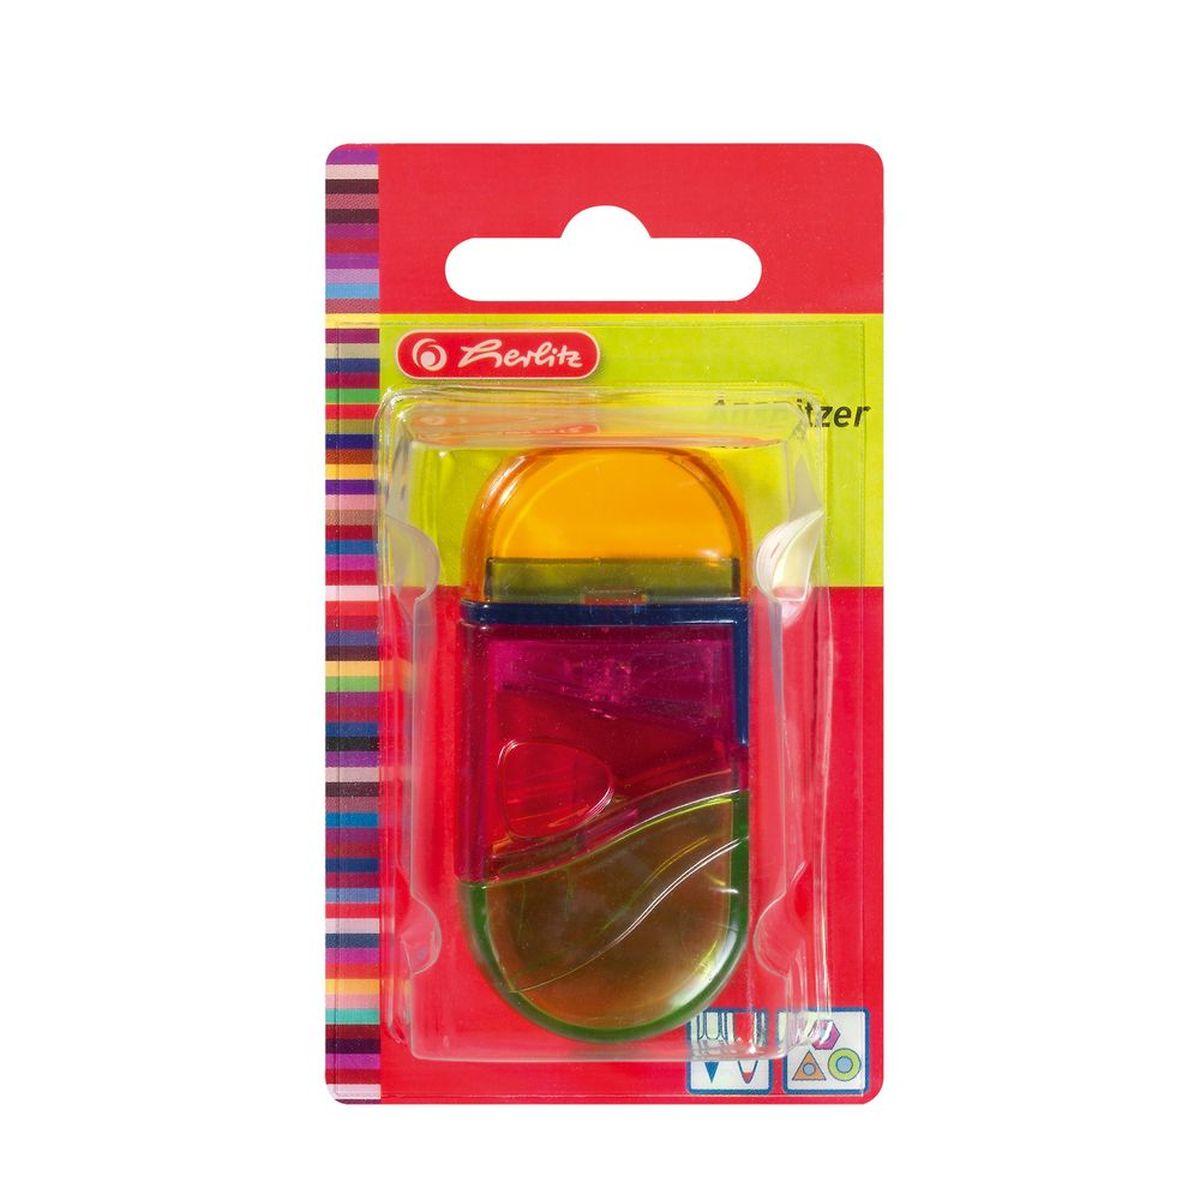 Herlitz Точилка с контейнером и ластиком цвет оранжевый розовый зеленый10198612Точилка Herlitz - качественная простая точилка с контейнером для стружек и ластиком. Выполнена в прозрачном пластиковом корпусе и предназначена для заточки карандашей диаметром 8 мм. Металлическое лезвие высокого качества быстро заточит любой карандаш. Ластик изготовлен из термопластичного каучука и хорошо стирает линии. Такой набор от Herlitz будет помощником для вас в любом проектном или учебном деле.